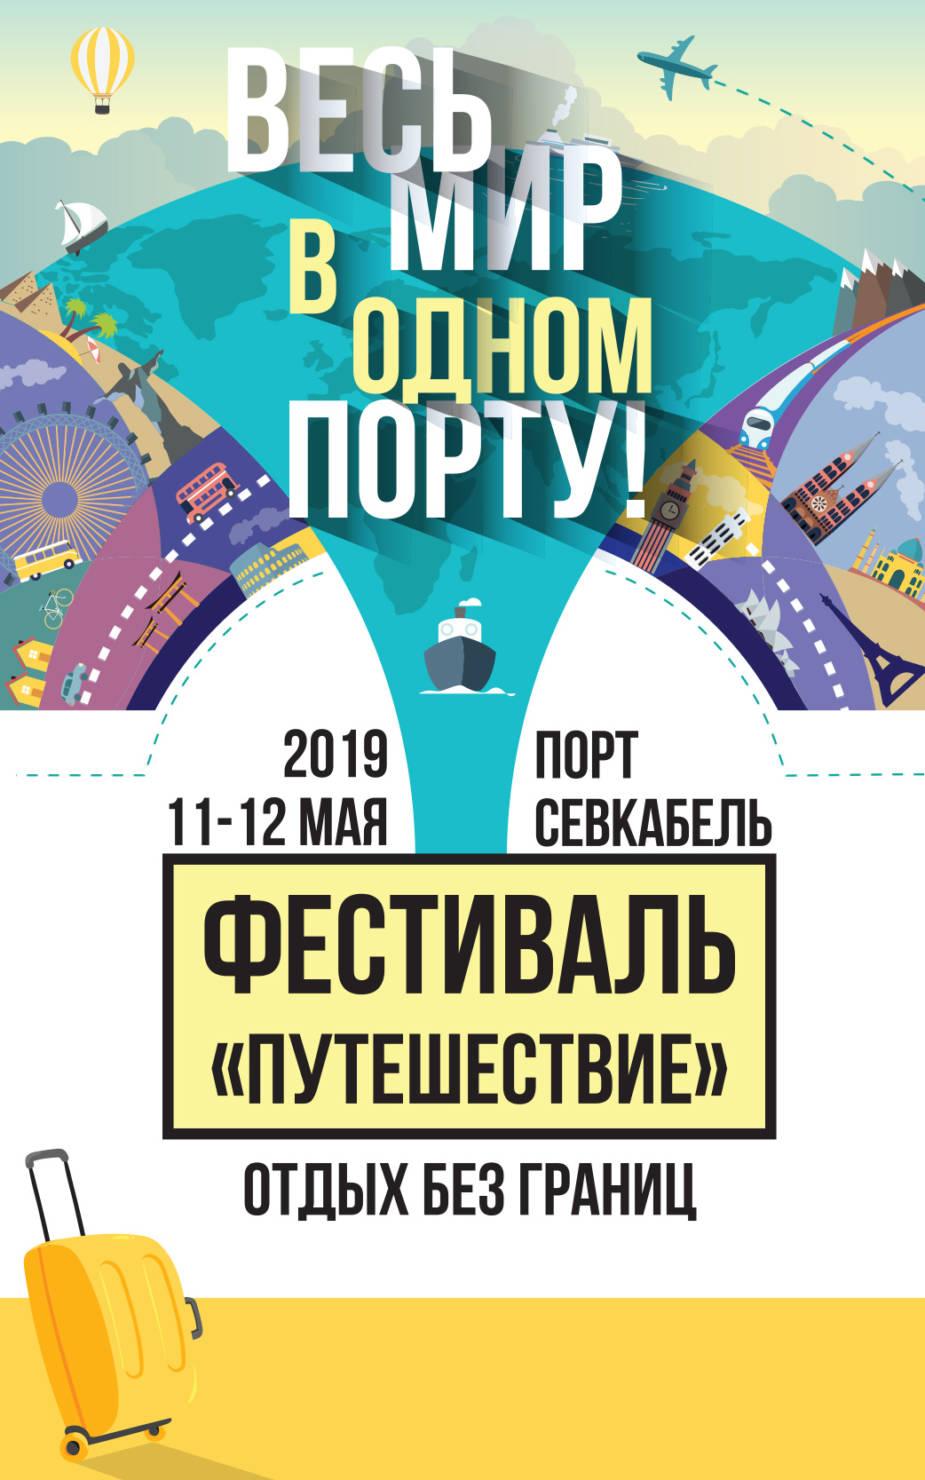 Фестиваль Путешеставие в Севкабеле